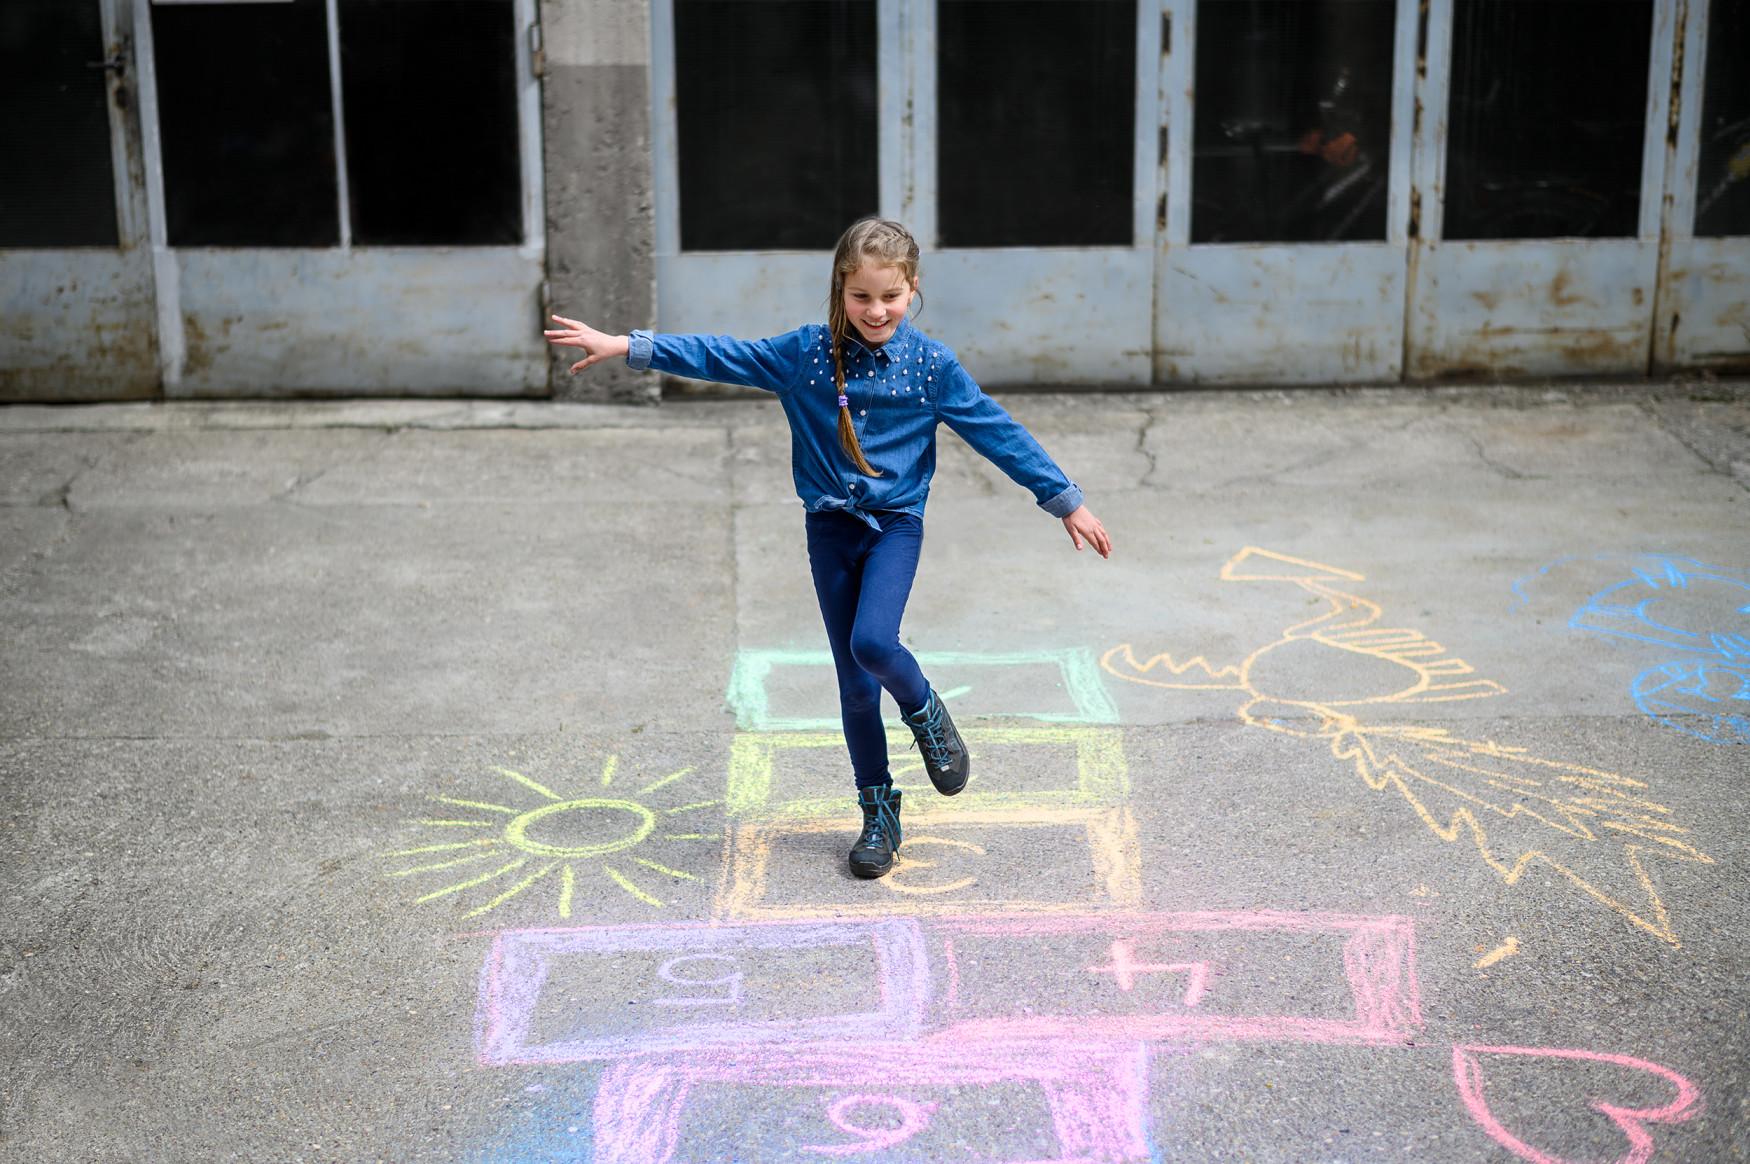 Lichte wandeltochten op verharde wegen, maar ook de bijzondere eisen die de dagelijkse activiteiten van kinderen stellen, zijn het speelterrein van deze sportieve kinder-outdoorschoenen. De dynamische look is sterk gericht op de approachschoenen van volwassenen. Uitgerust met talrijke functies wordt met de APPROACH GTX® MID JUNIOR elke dag een avontuur.